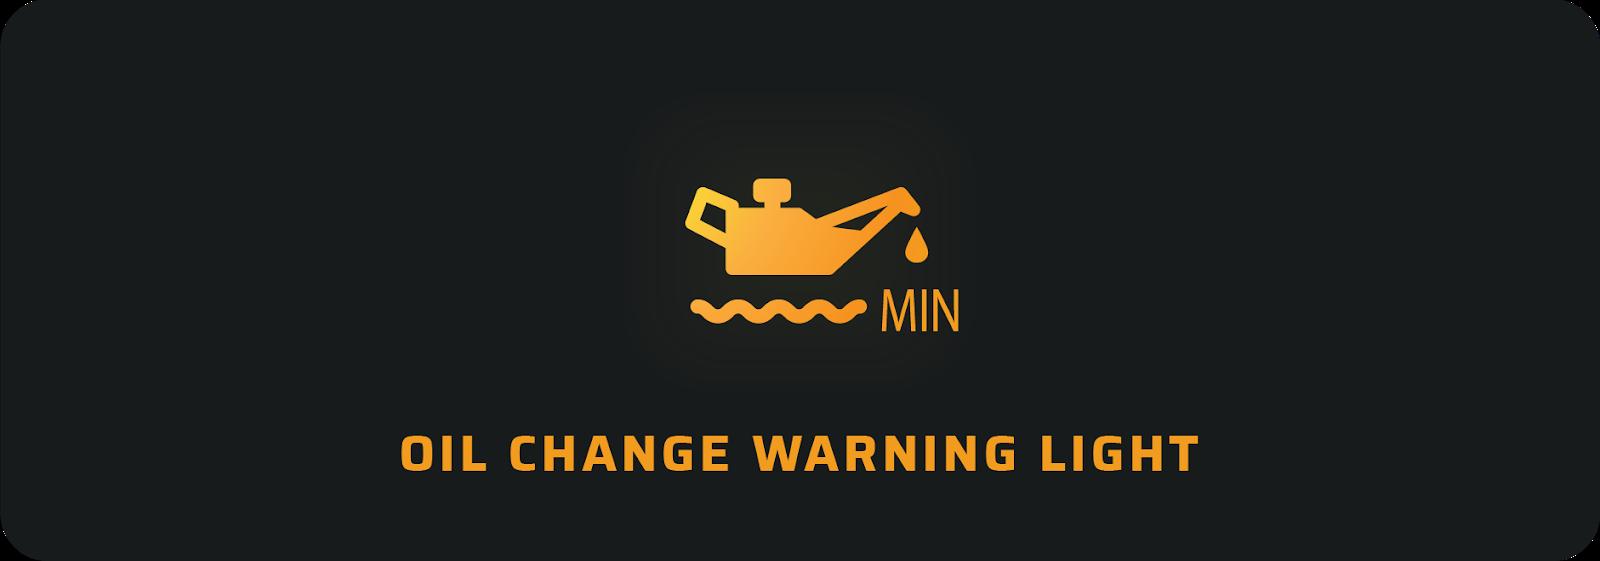 Oil change warning light